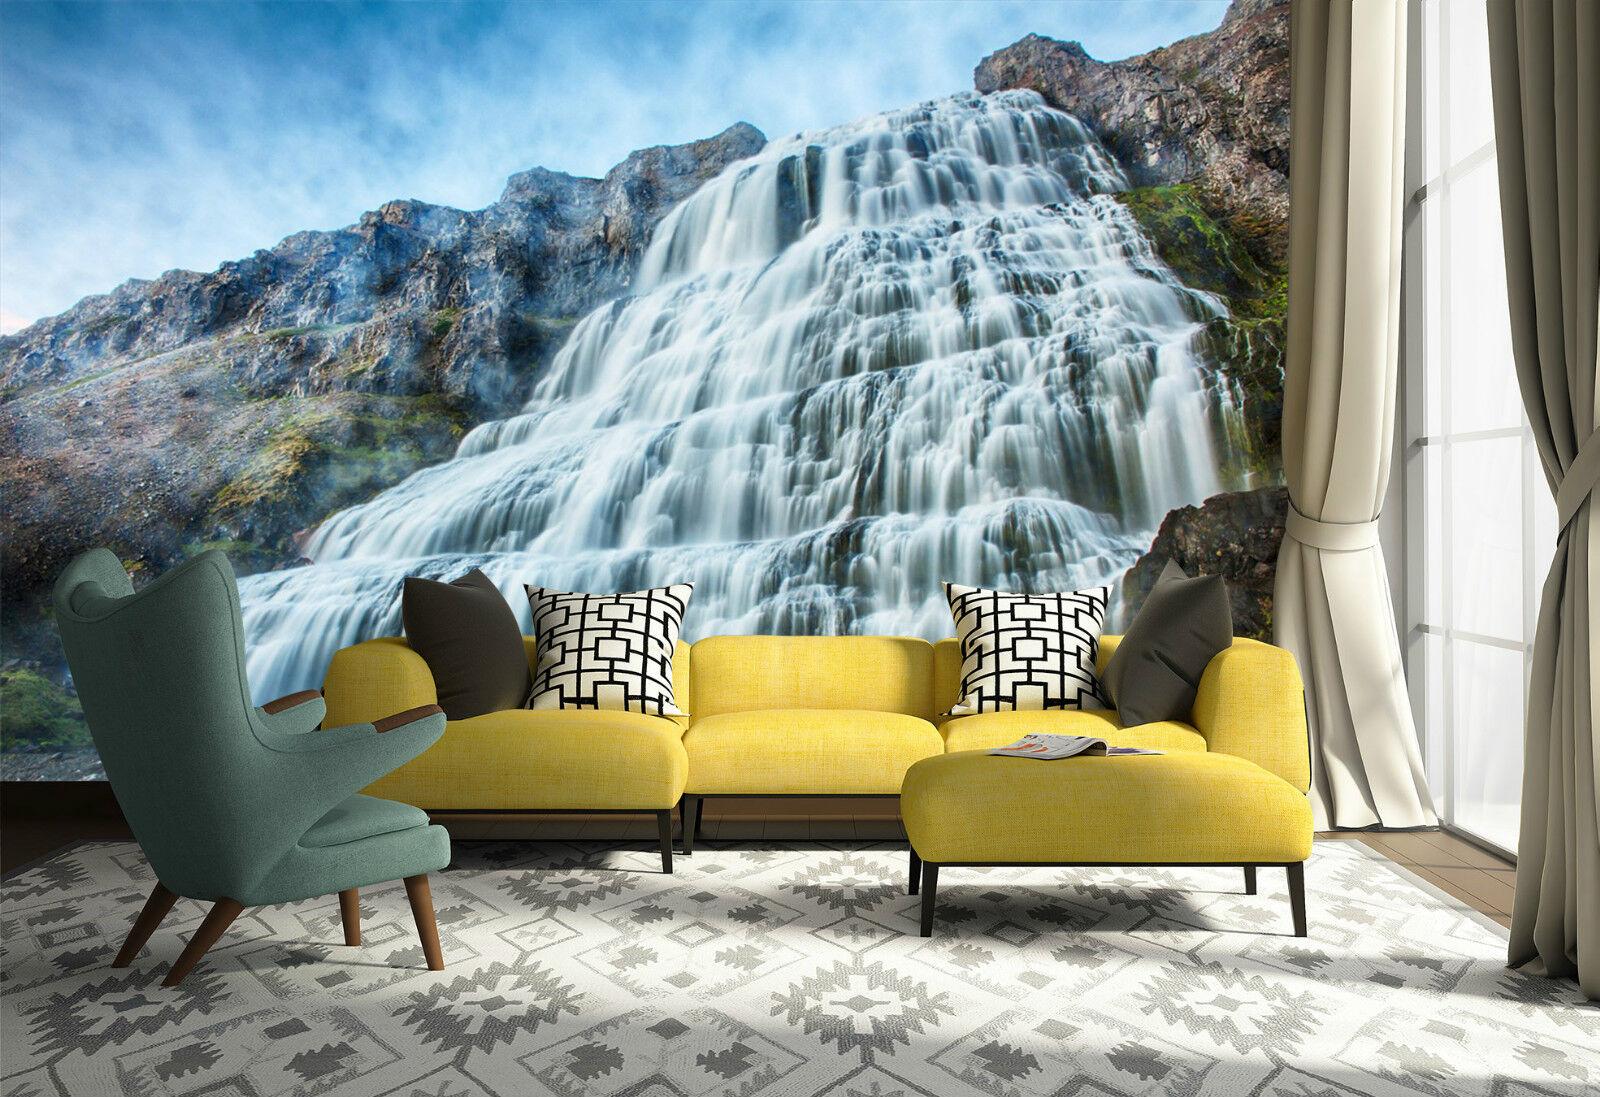 3D Cascate 717 Parete Murale Foto Carta da parati immagine sfondo muro stampa